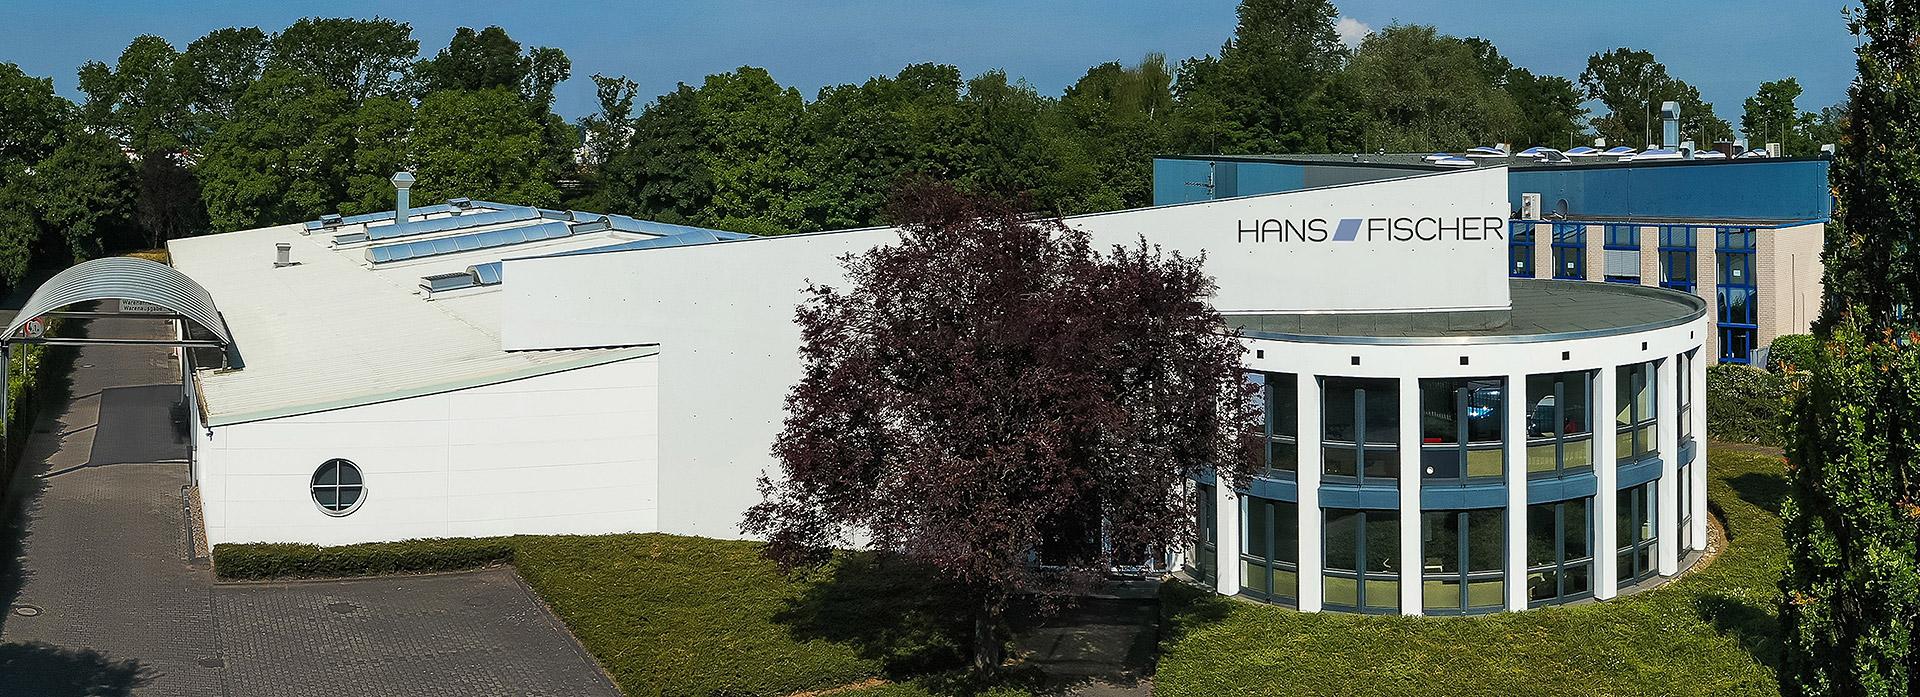 Hans Fischer - Unternehmen in Frechen - Drohnenaufnahme